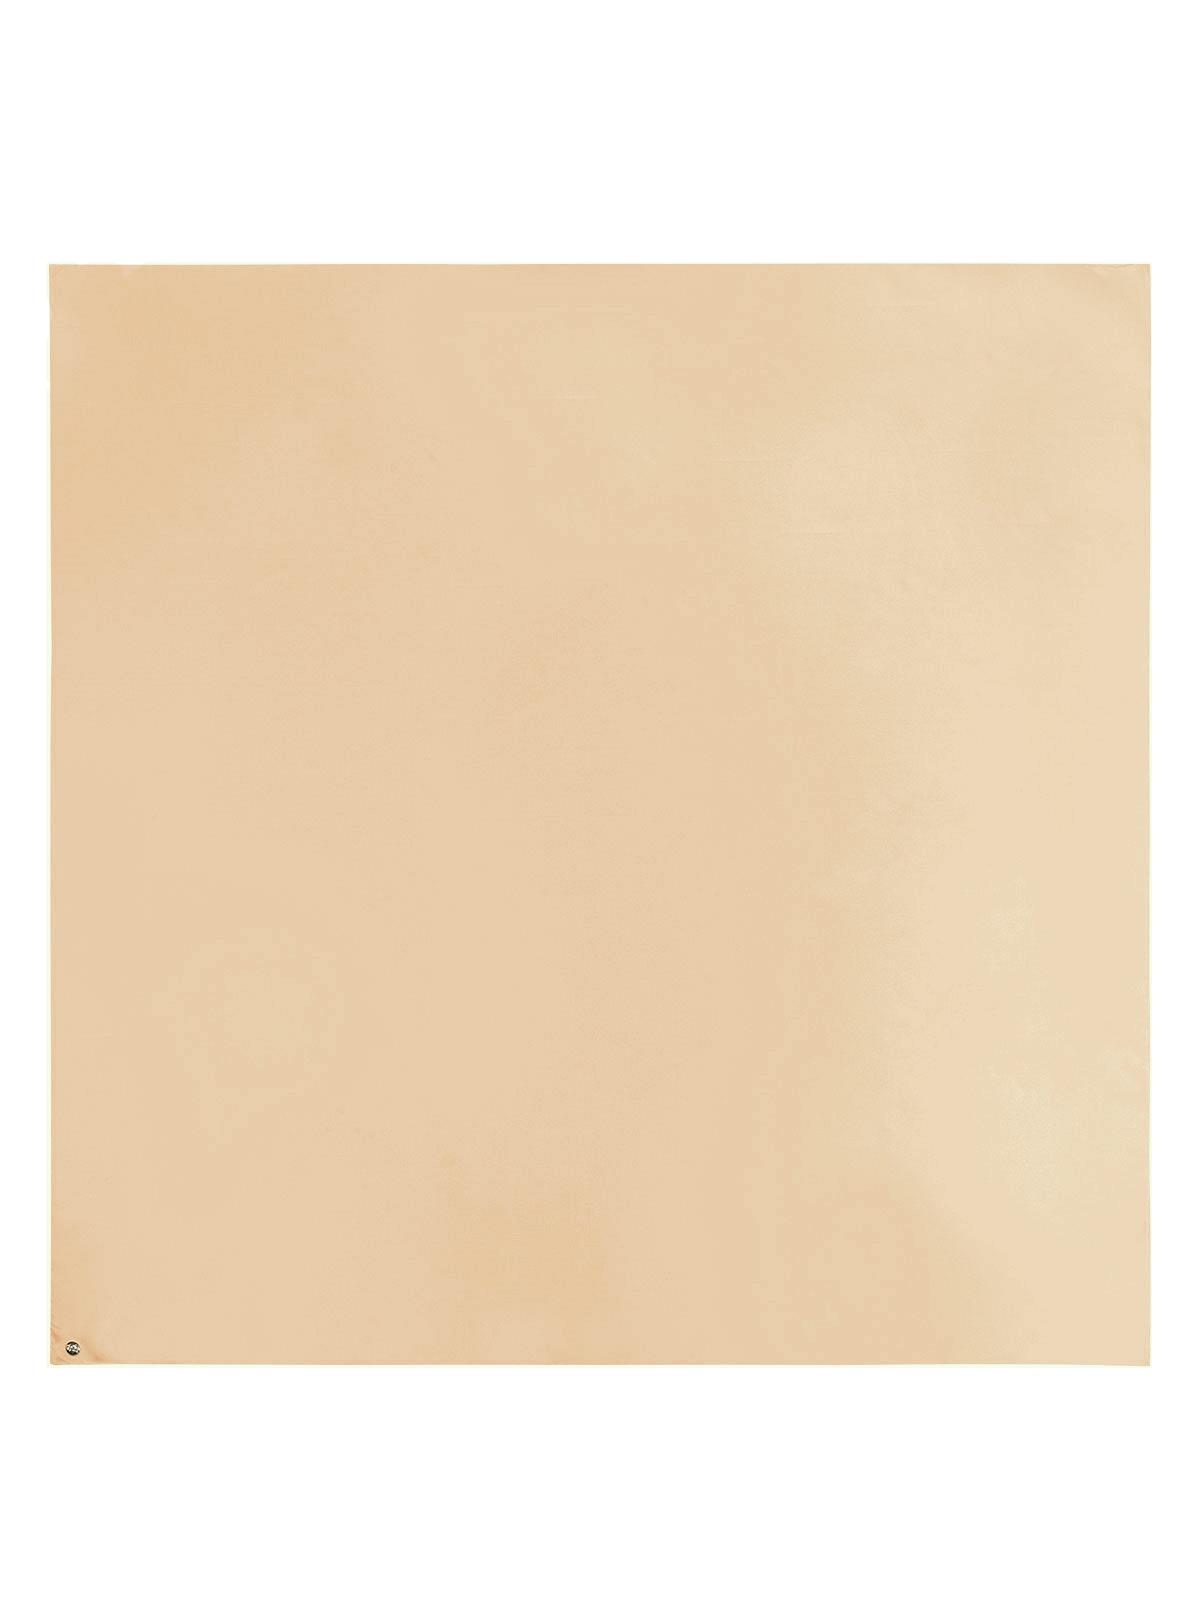 Шарф из шелка бежевого цветаШарфы<br><br>Материал верха: Текстиль<br>Цвет: Бежевый<br>Дизайн: Италия<br>Страна производства: Италия<br><br>Материал верха: Текстиль<br>Цвет: Бежевый<br>Пол: Женский<br>Размер: Без размера